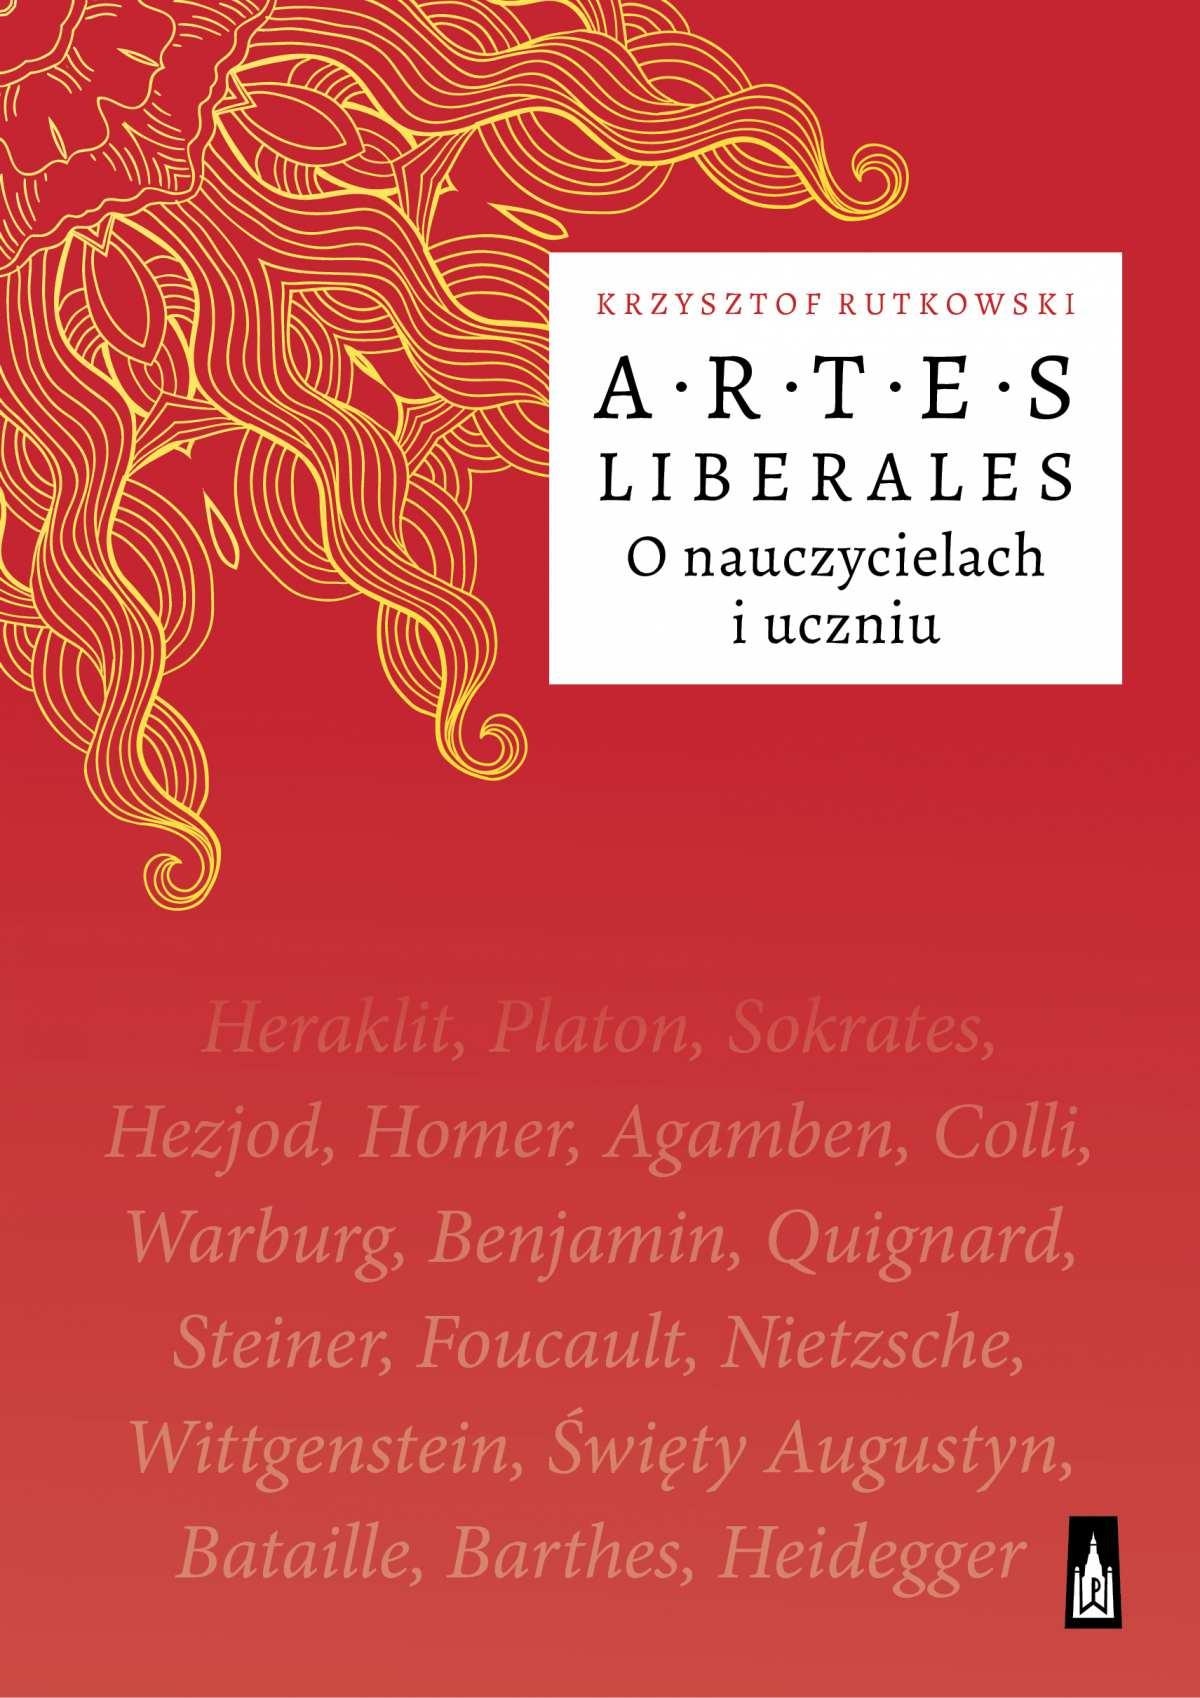 Artes Liberales. O nauczycielach i uczniu - Ebook (Książka na Kindle) do pobrania w formacie MOBI